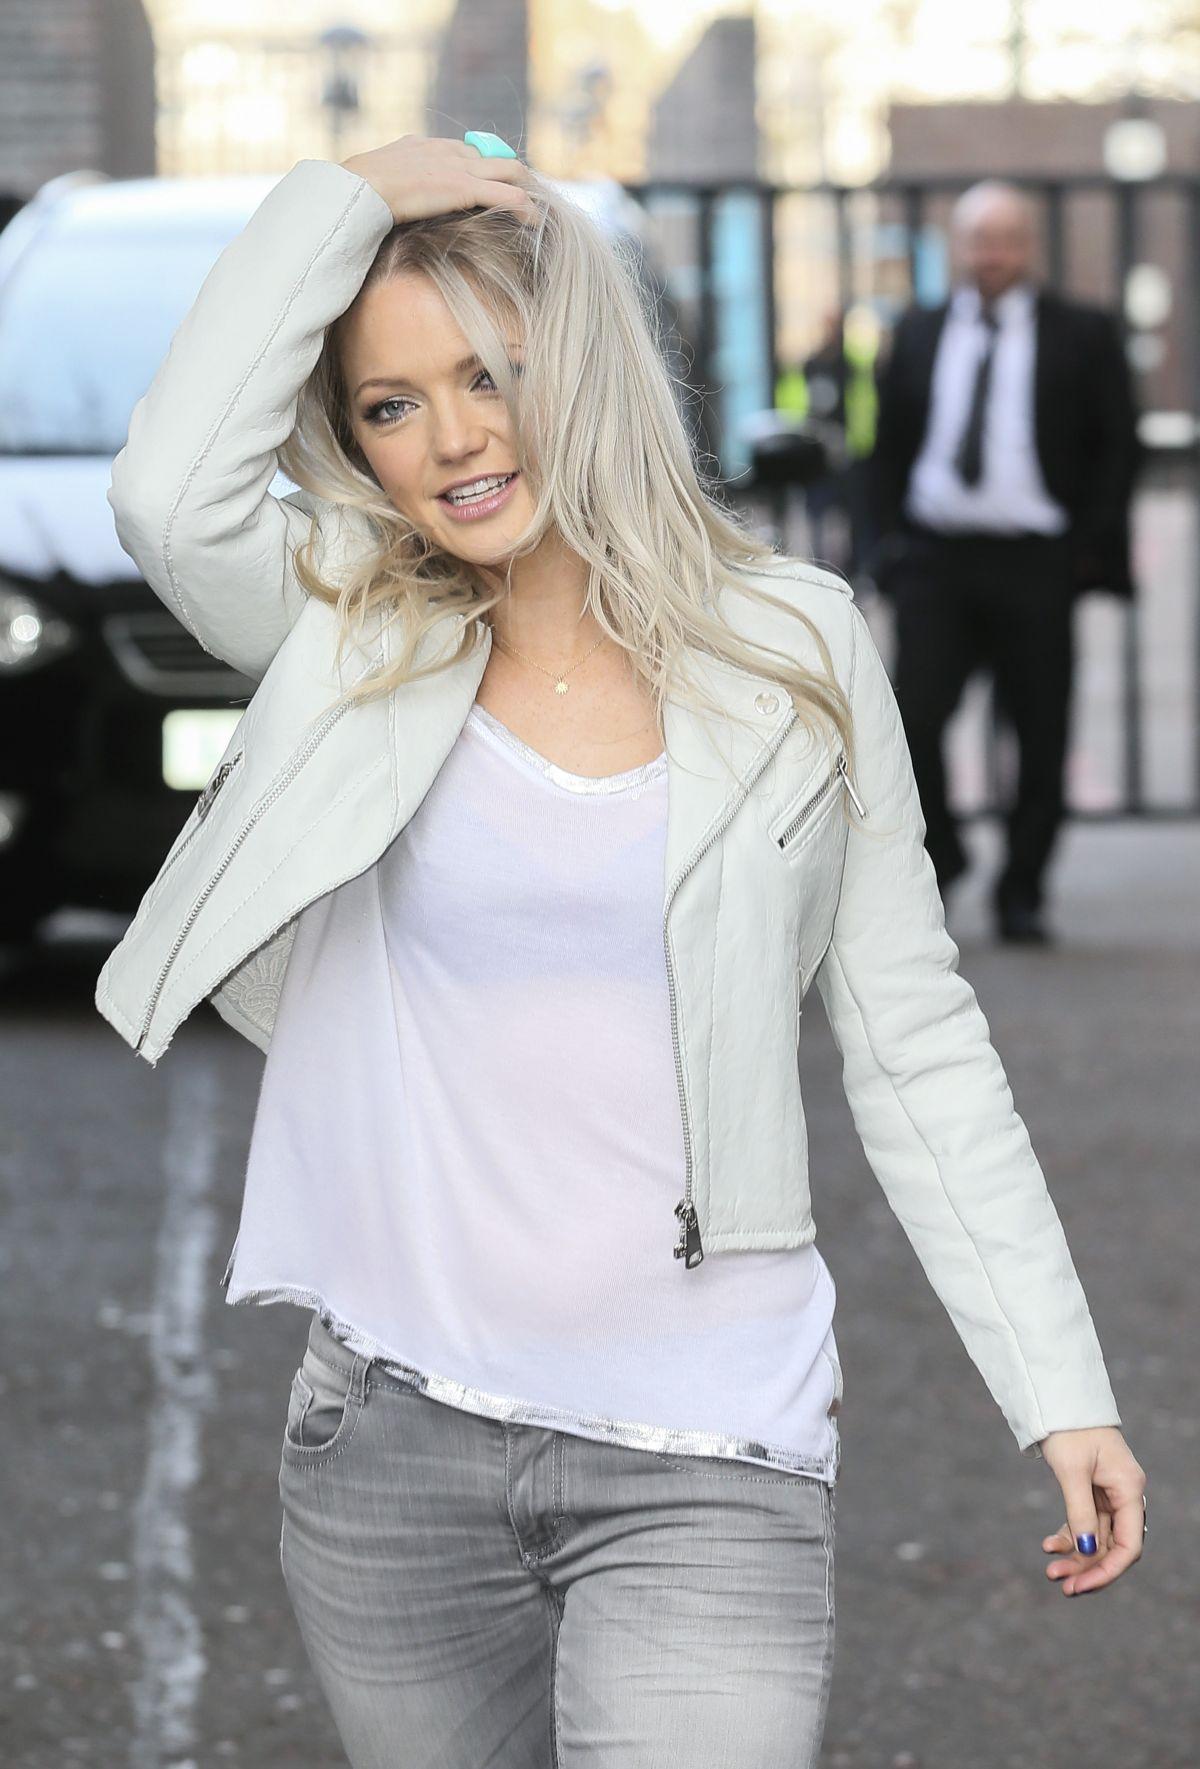 HANNAH SPEATTITT Leaves ITV Studios in London